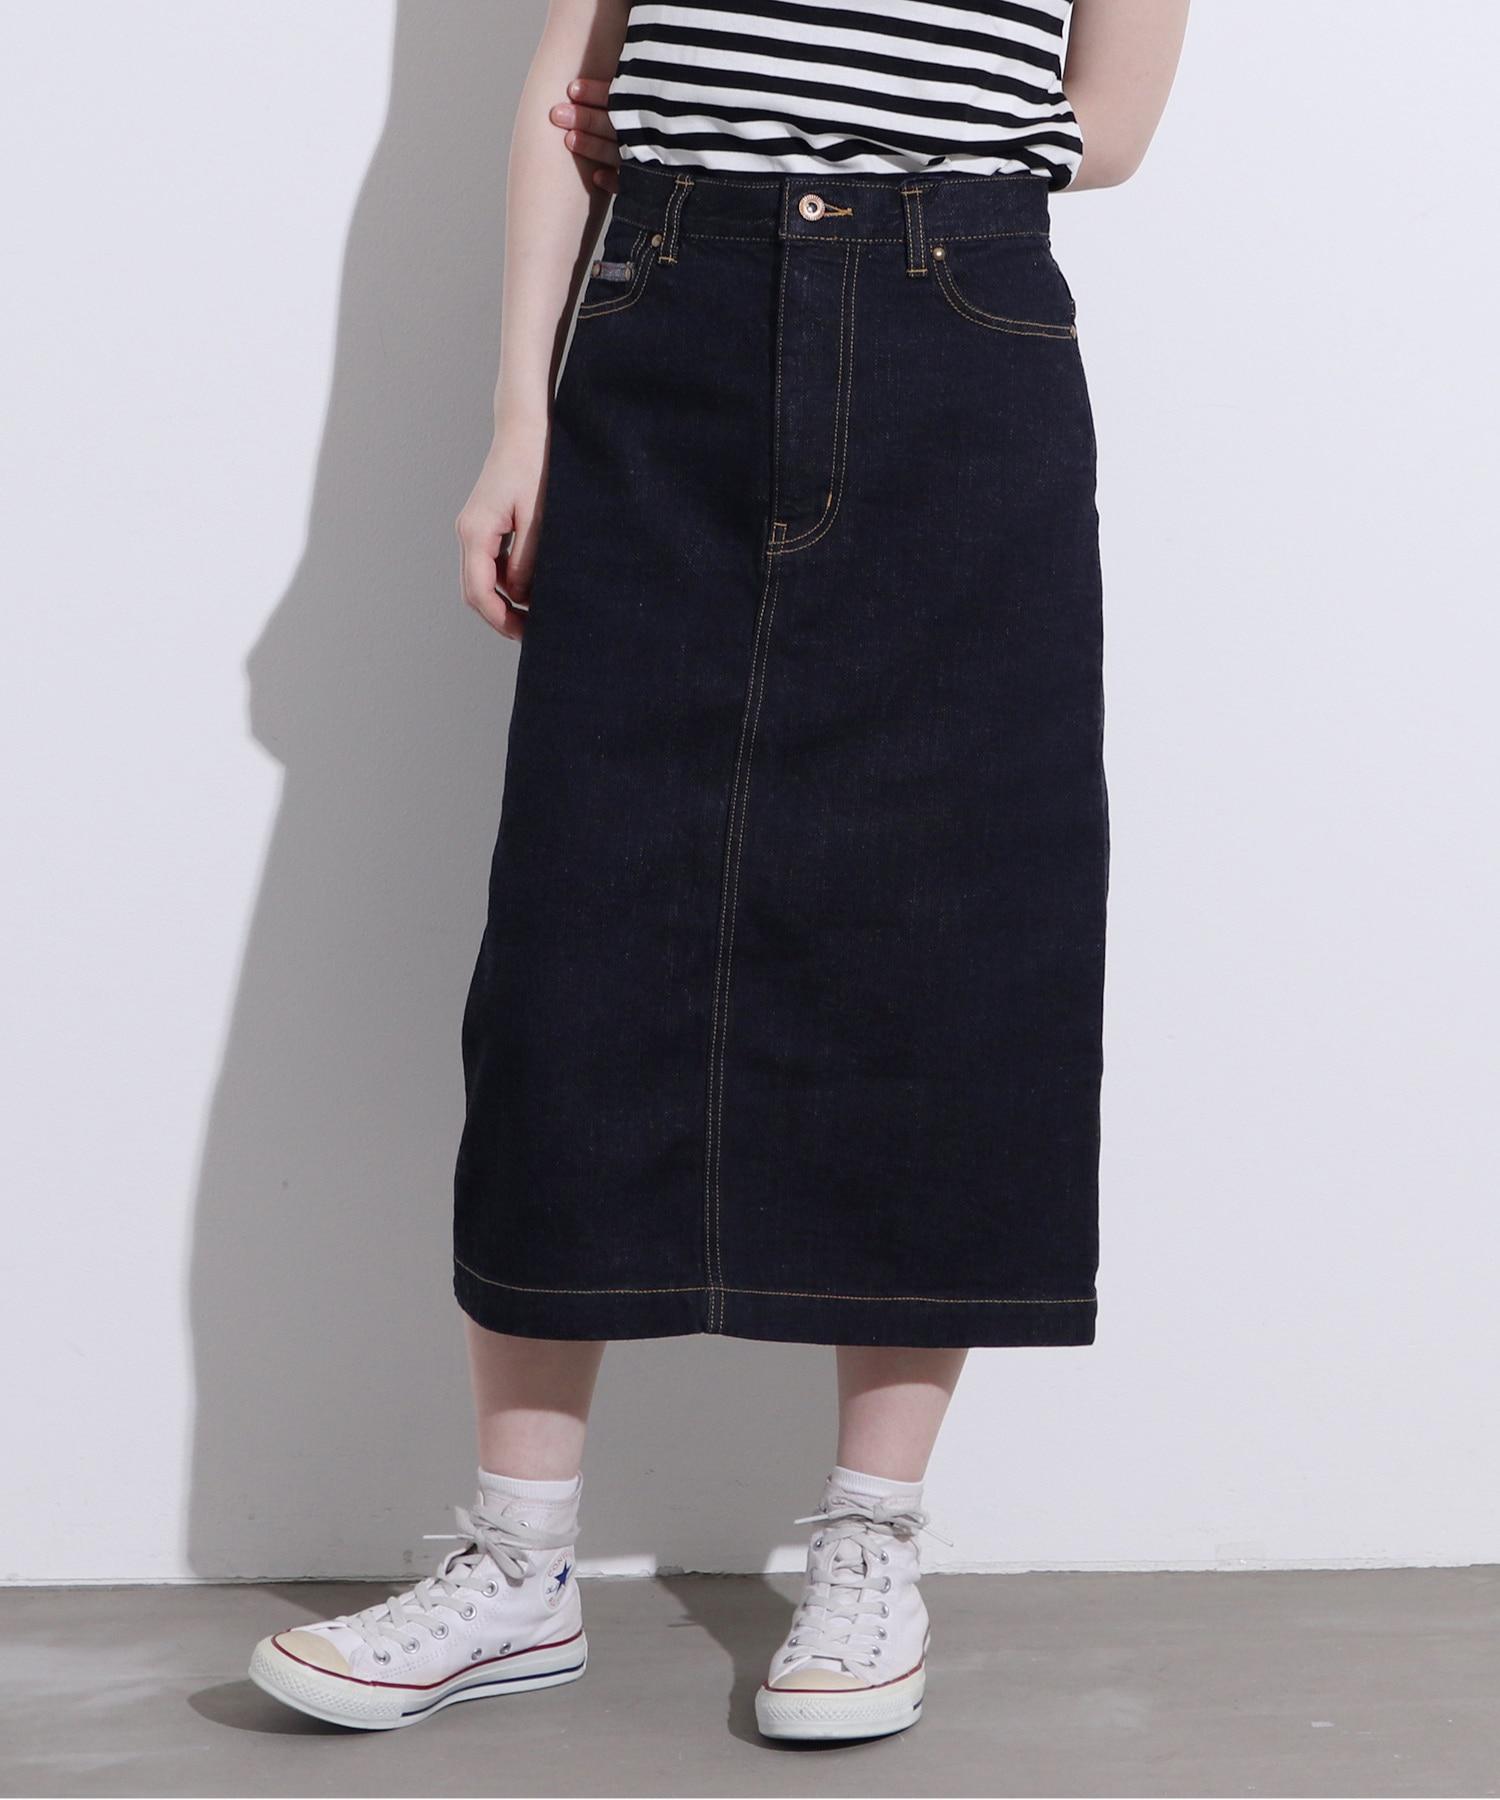 △11.36OZ ムラ糸デニム ミディアムタイトスカート